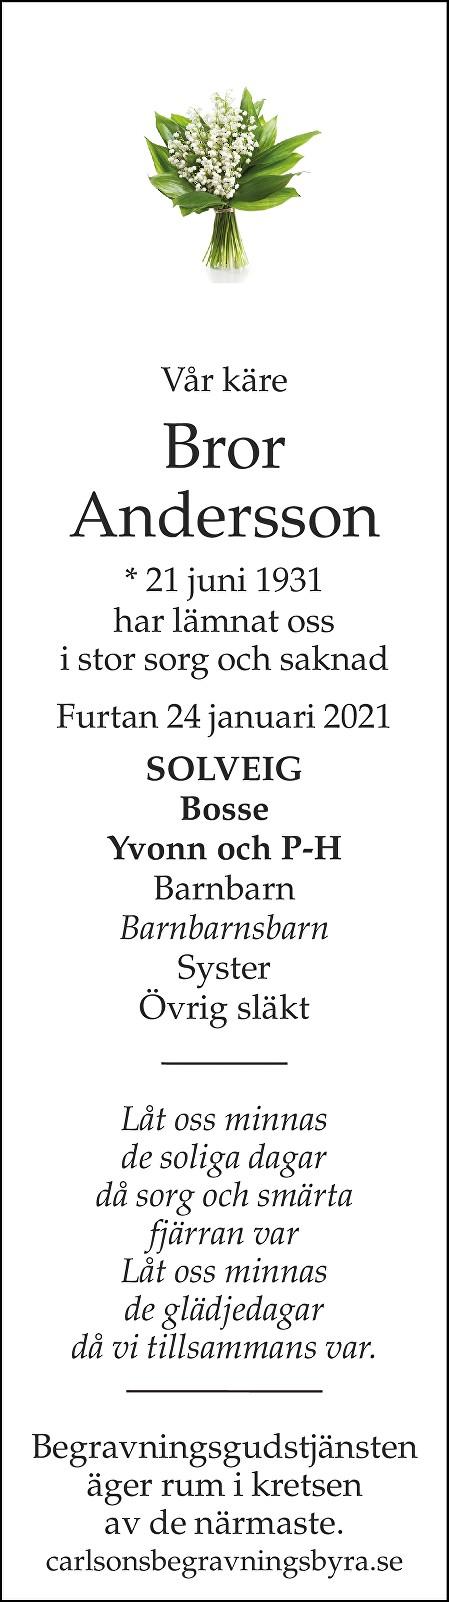 Bror Andersson Death notice